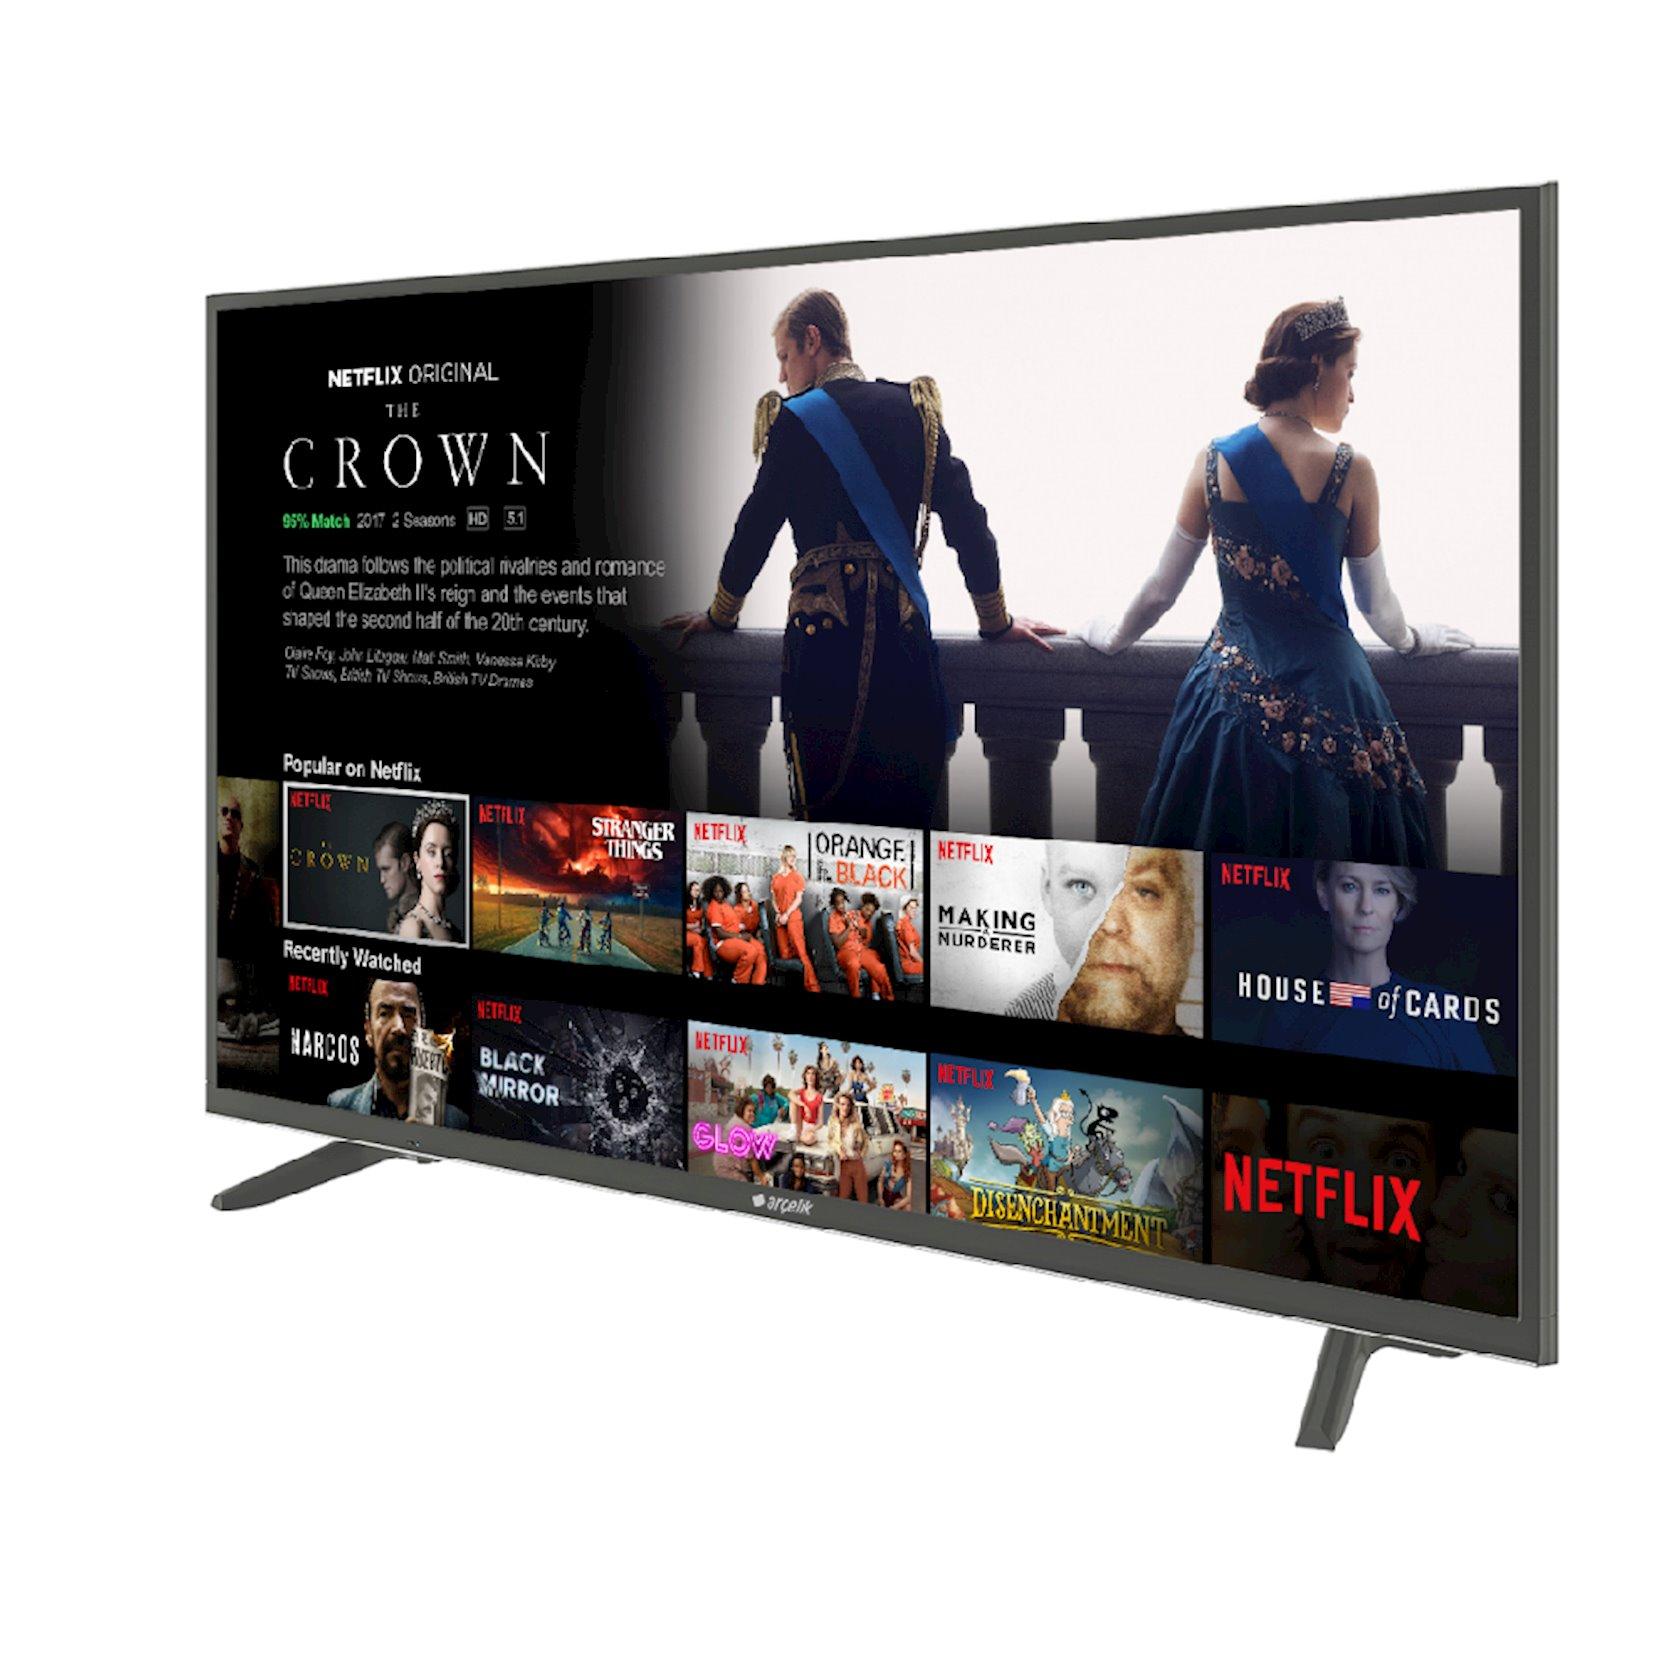 Televizor Arçelik A49L 8900 5A Diamond Pro